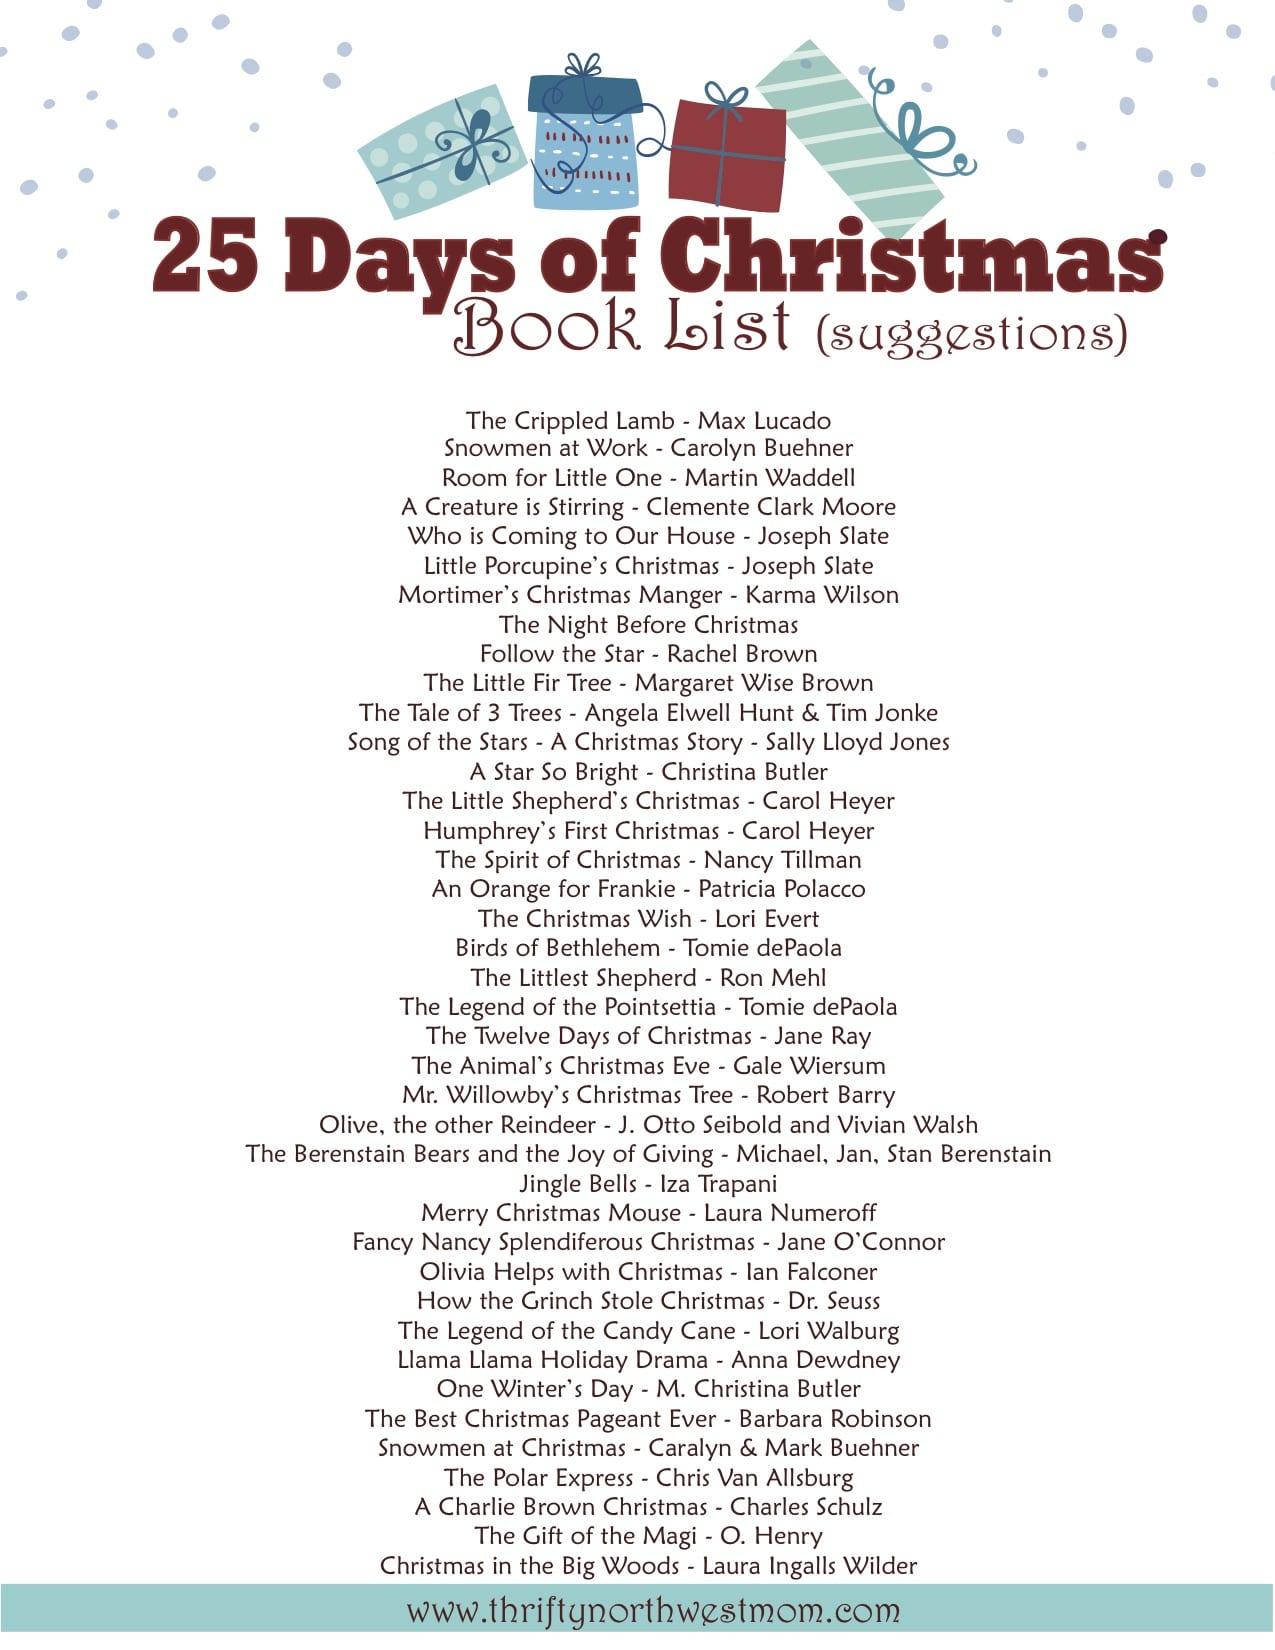 25 Days of Christmas Books - Christmas Countdown